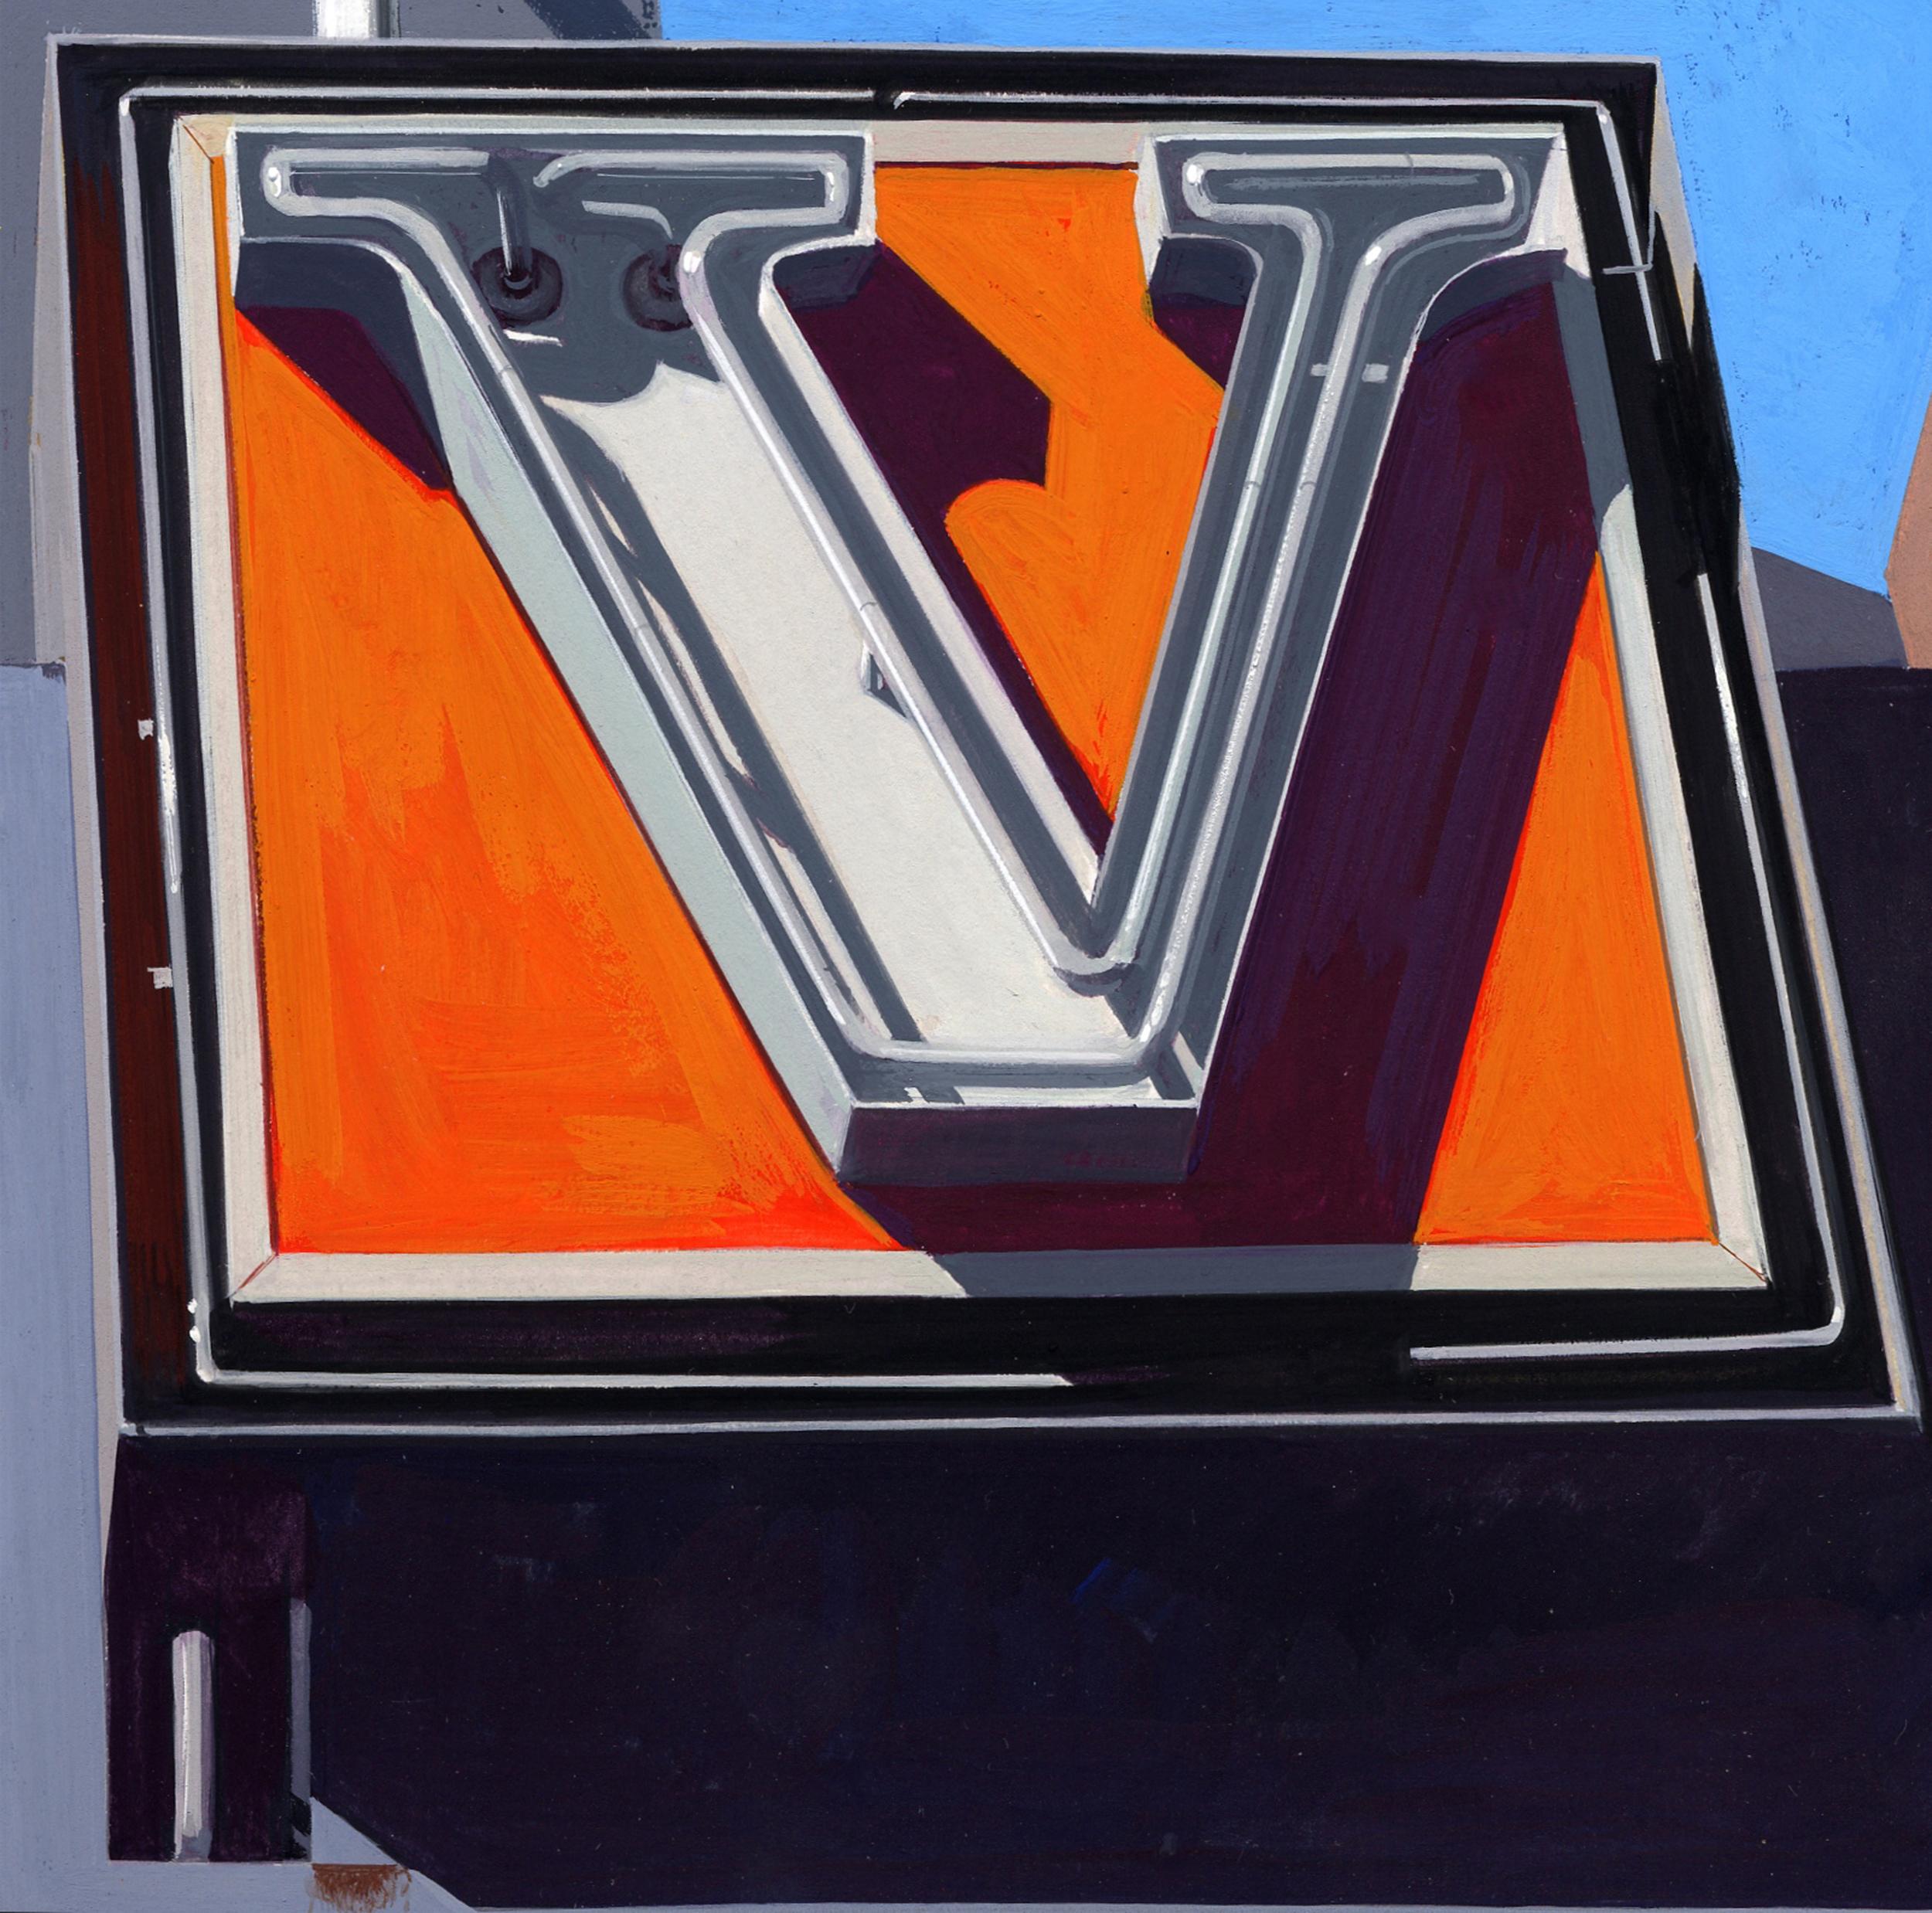 V (Vogue)